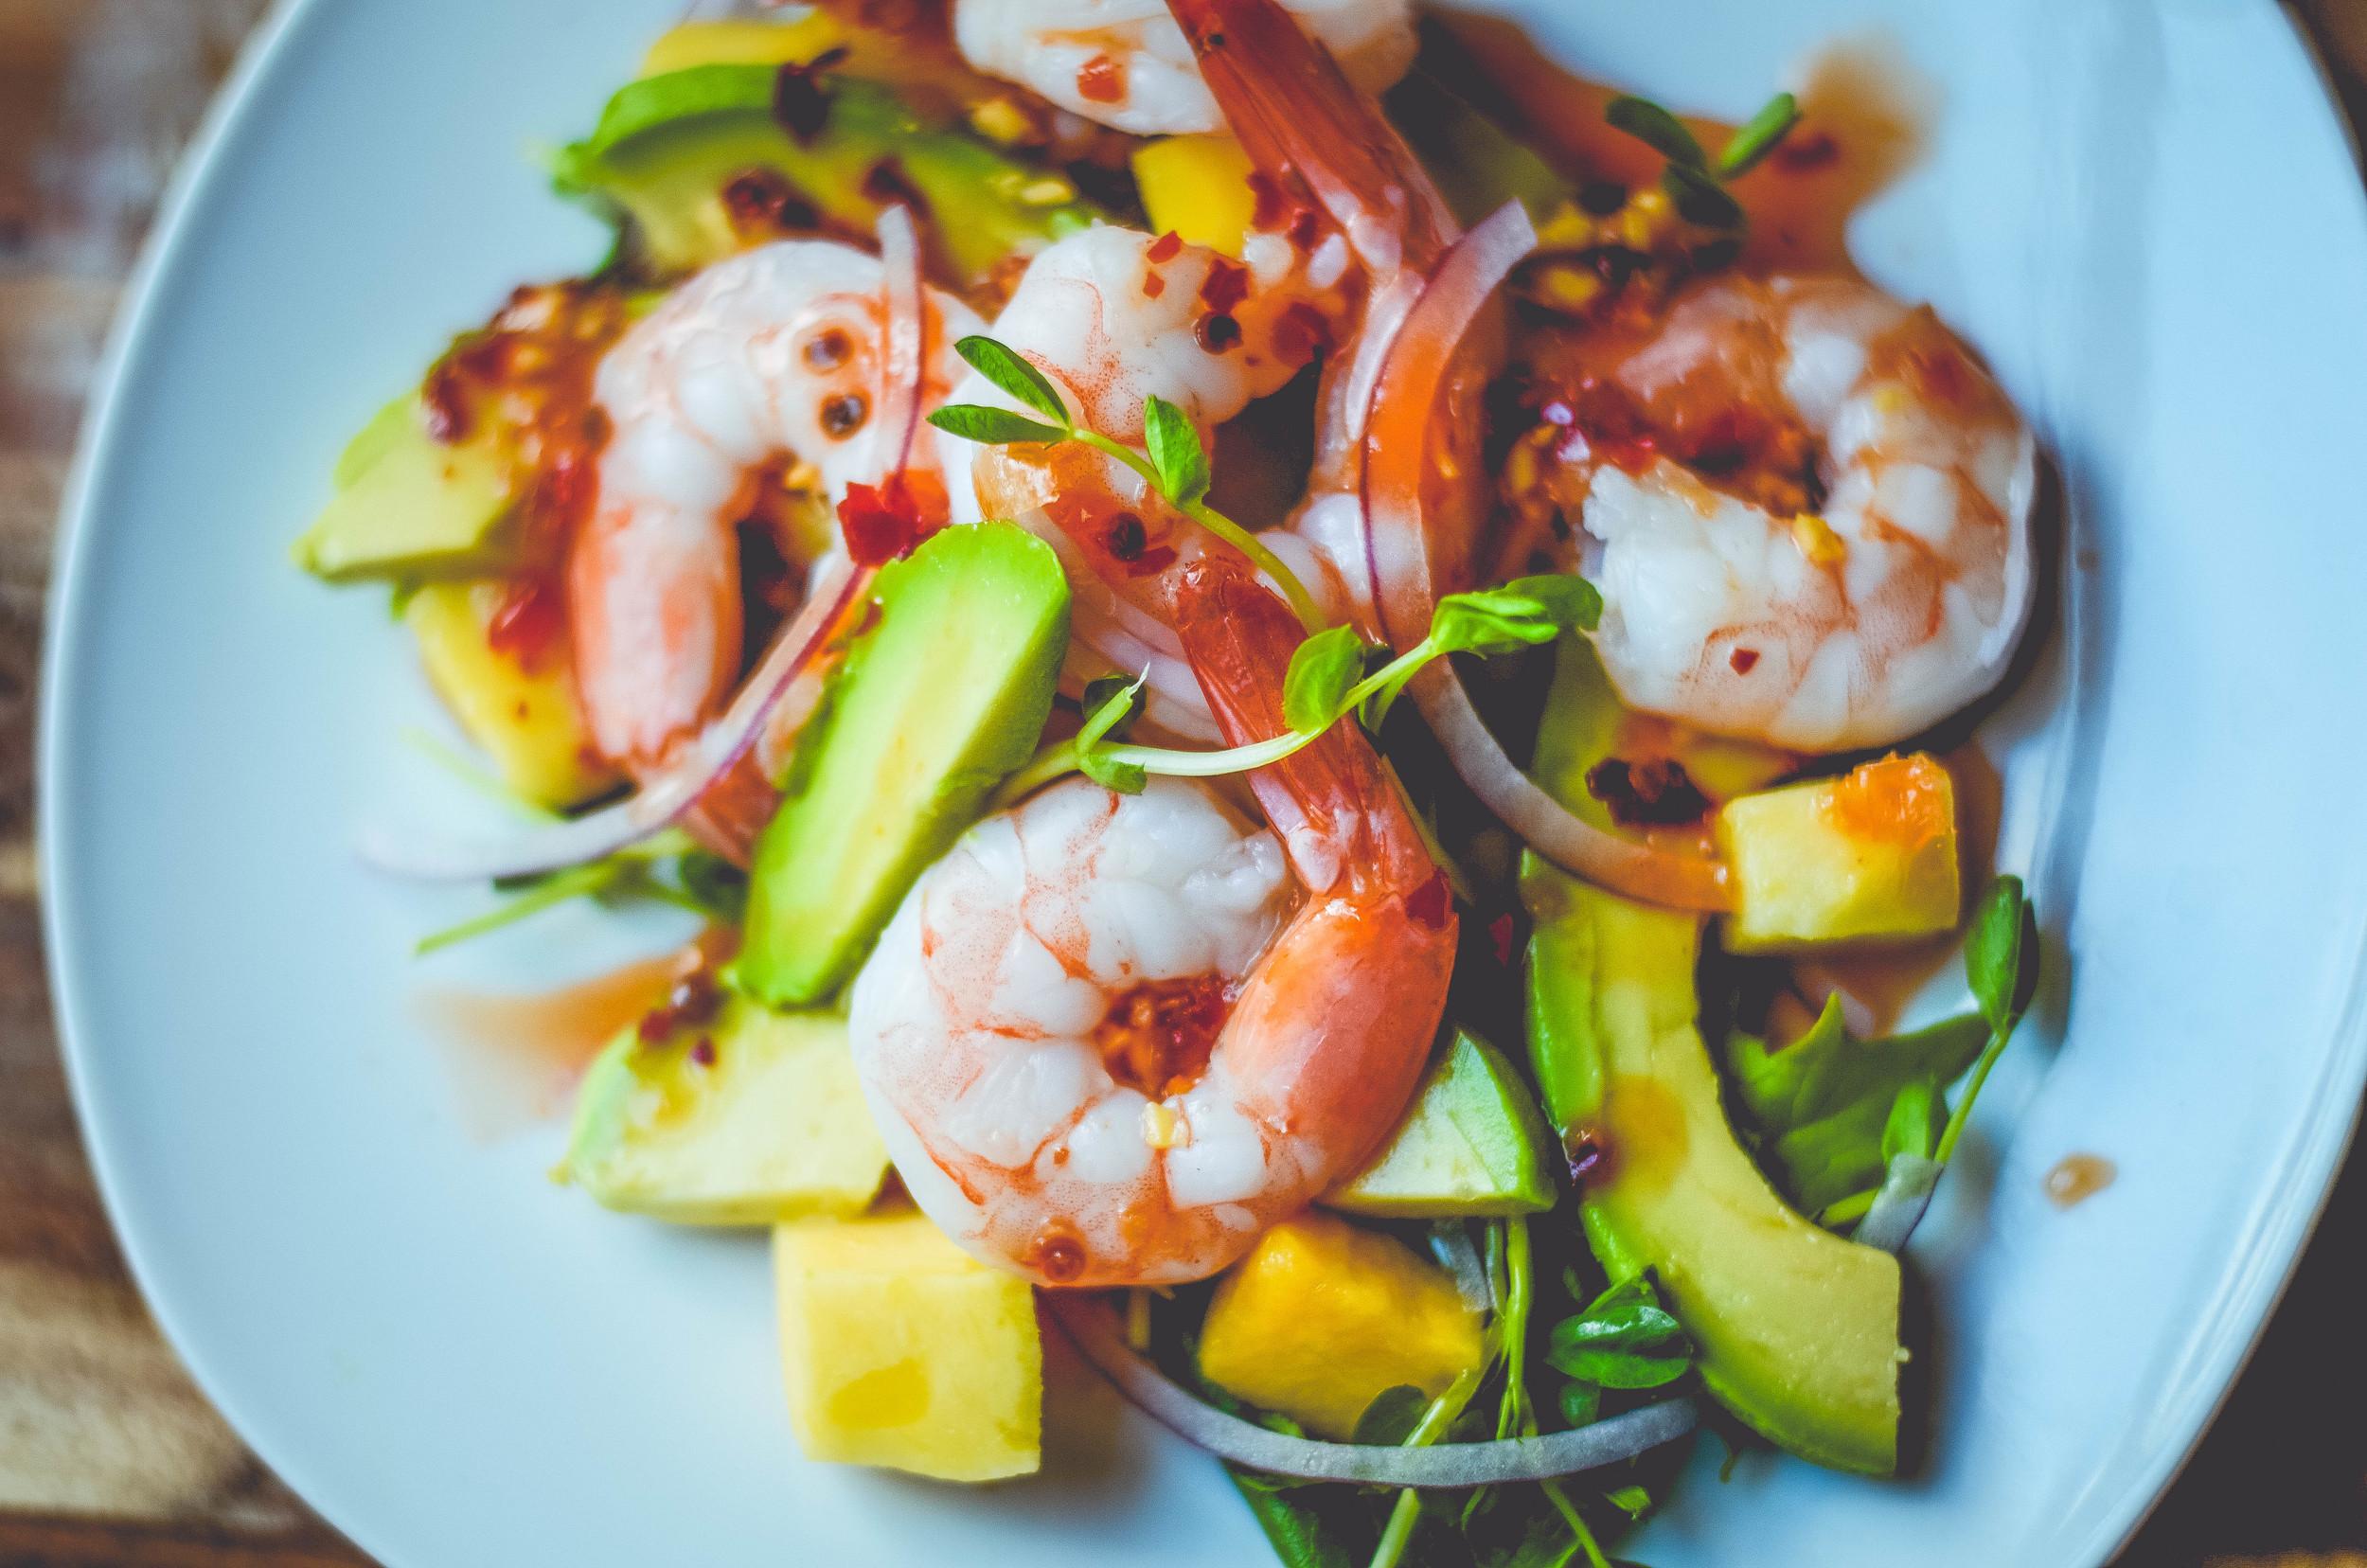 sweet chili shrimp with avocado and mango